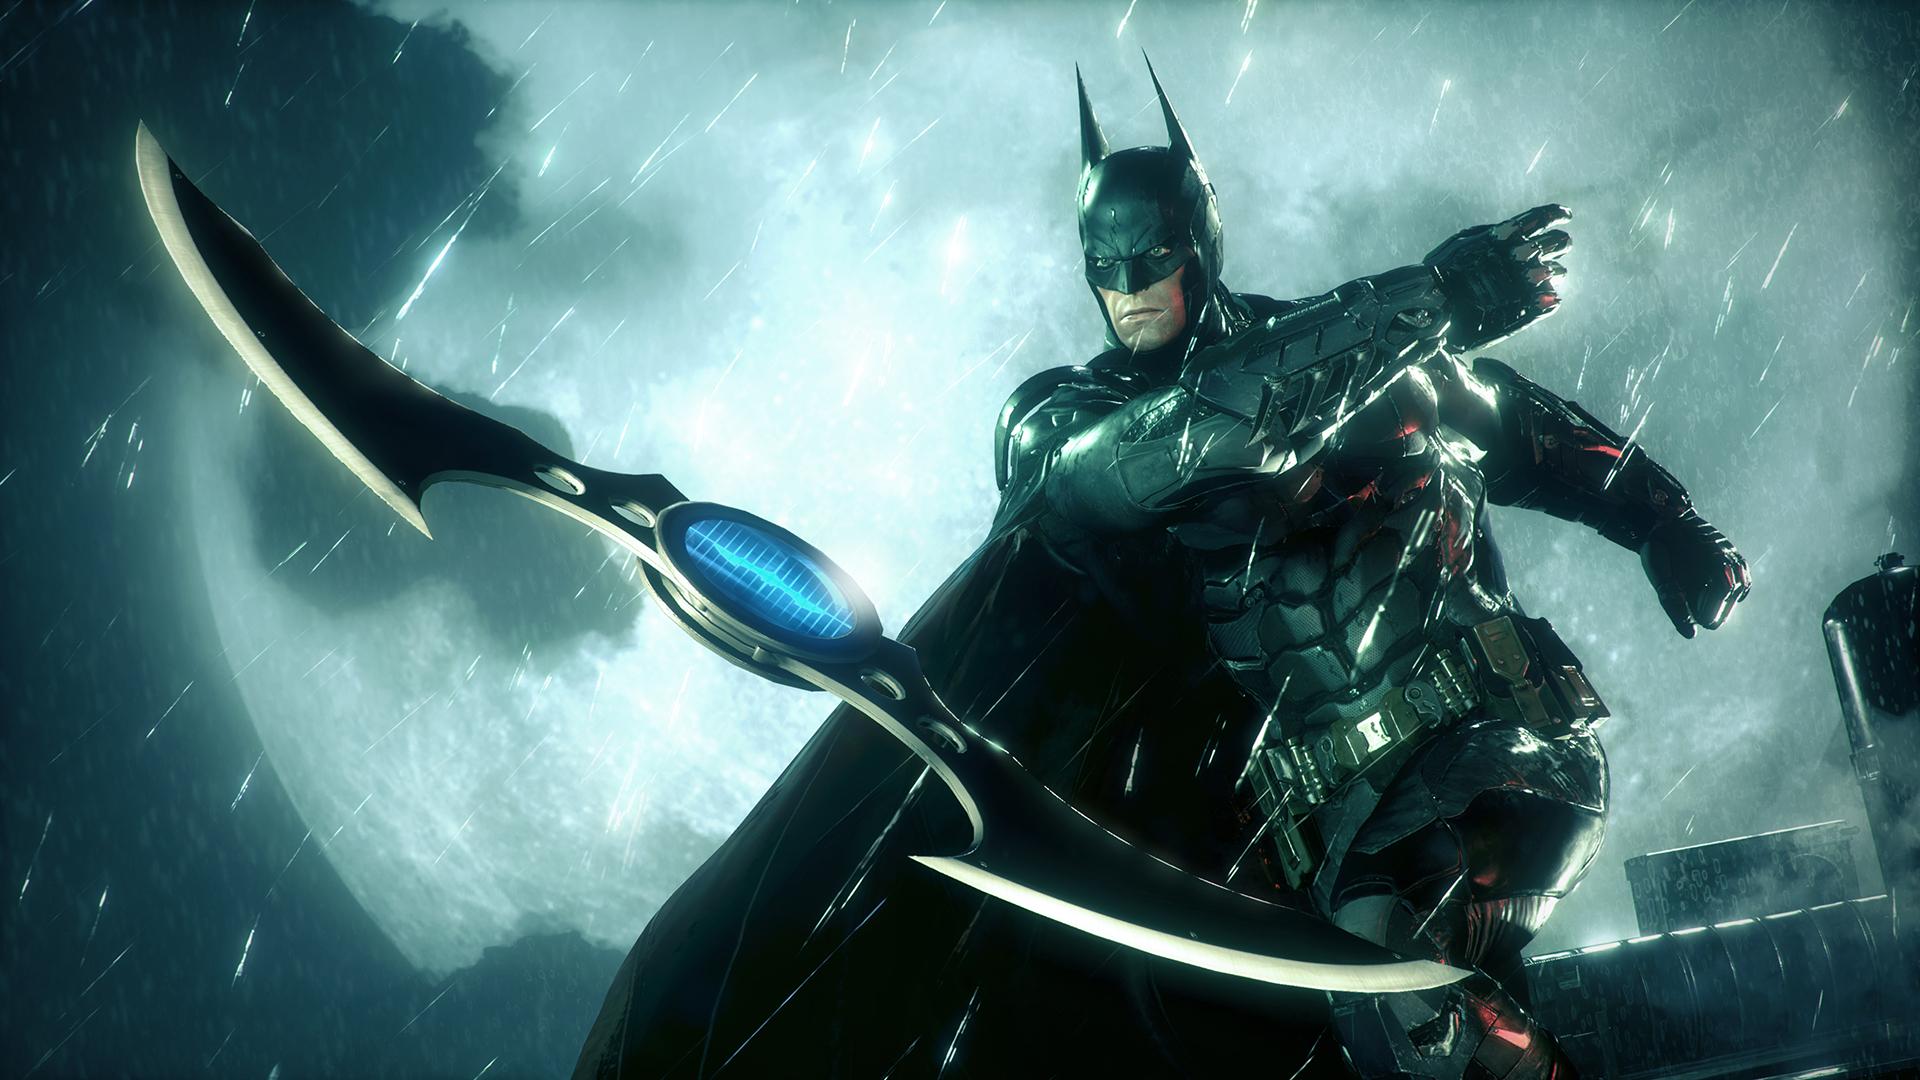 В новой игре про Бэтмена будет система «Nemesis»